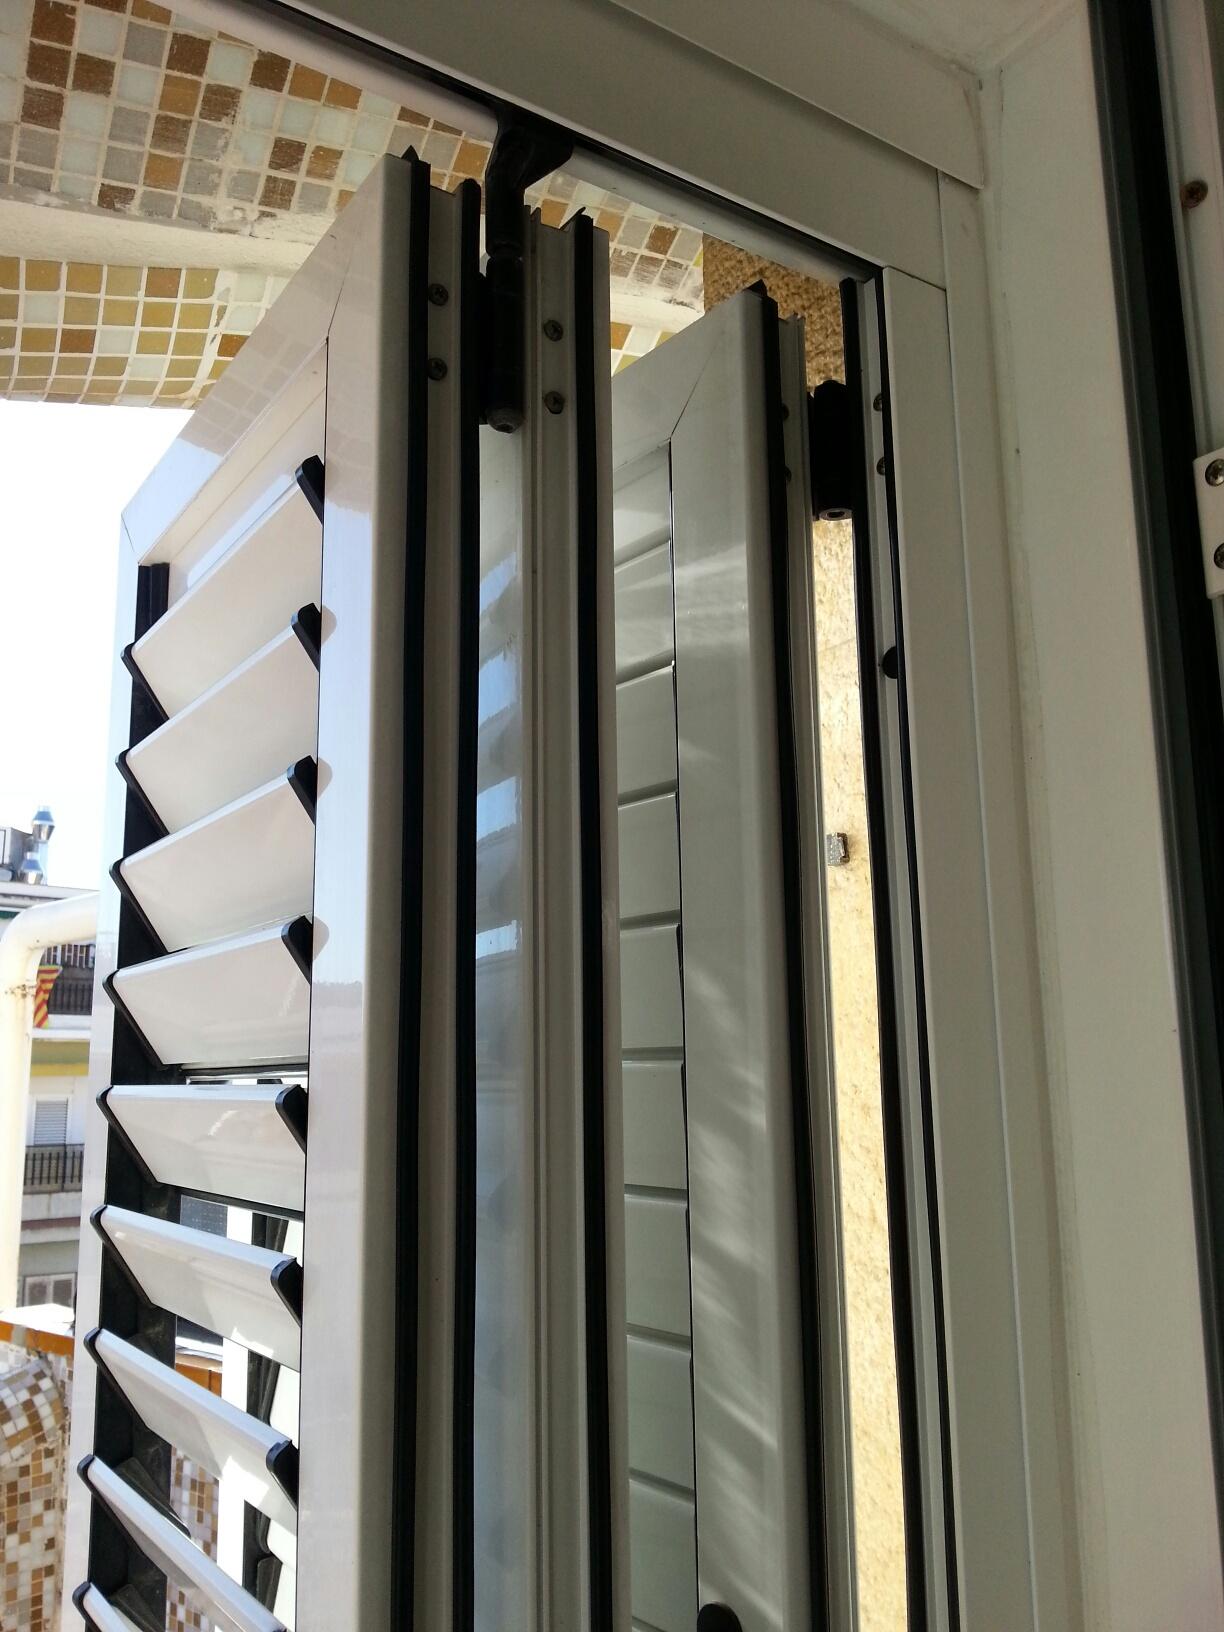 Mallorquina de aluminio de lama m vil en lacado blanco - Pintar aluminio lacado ...